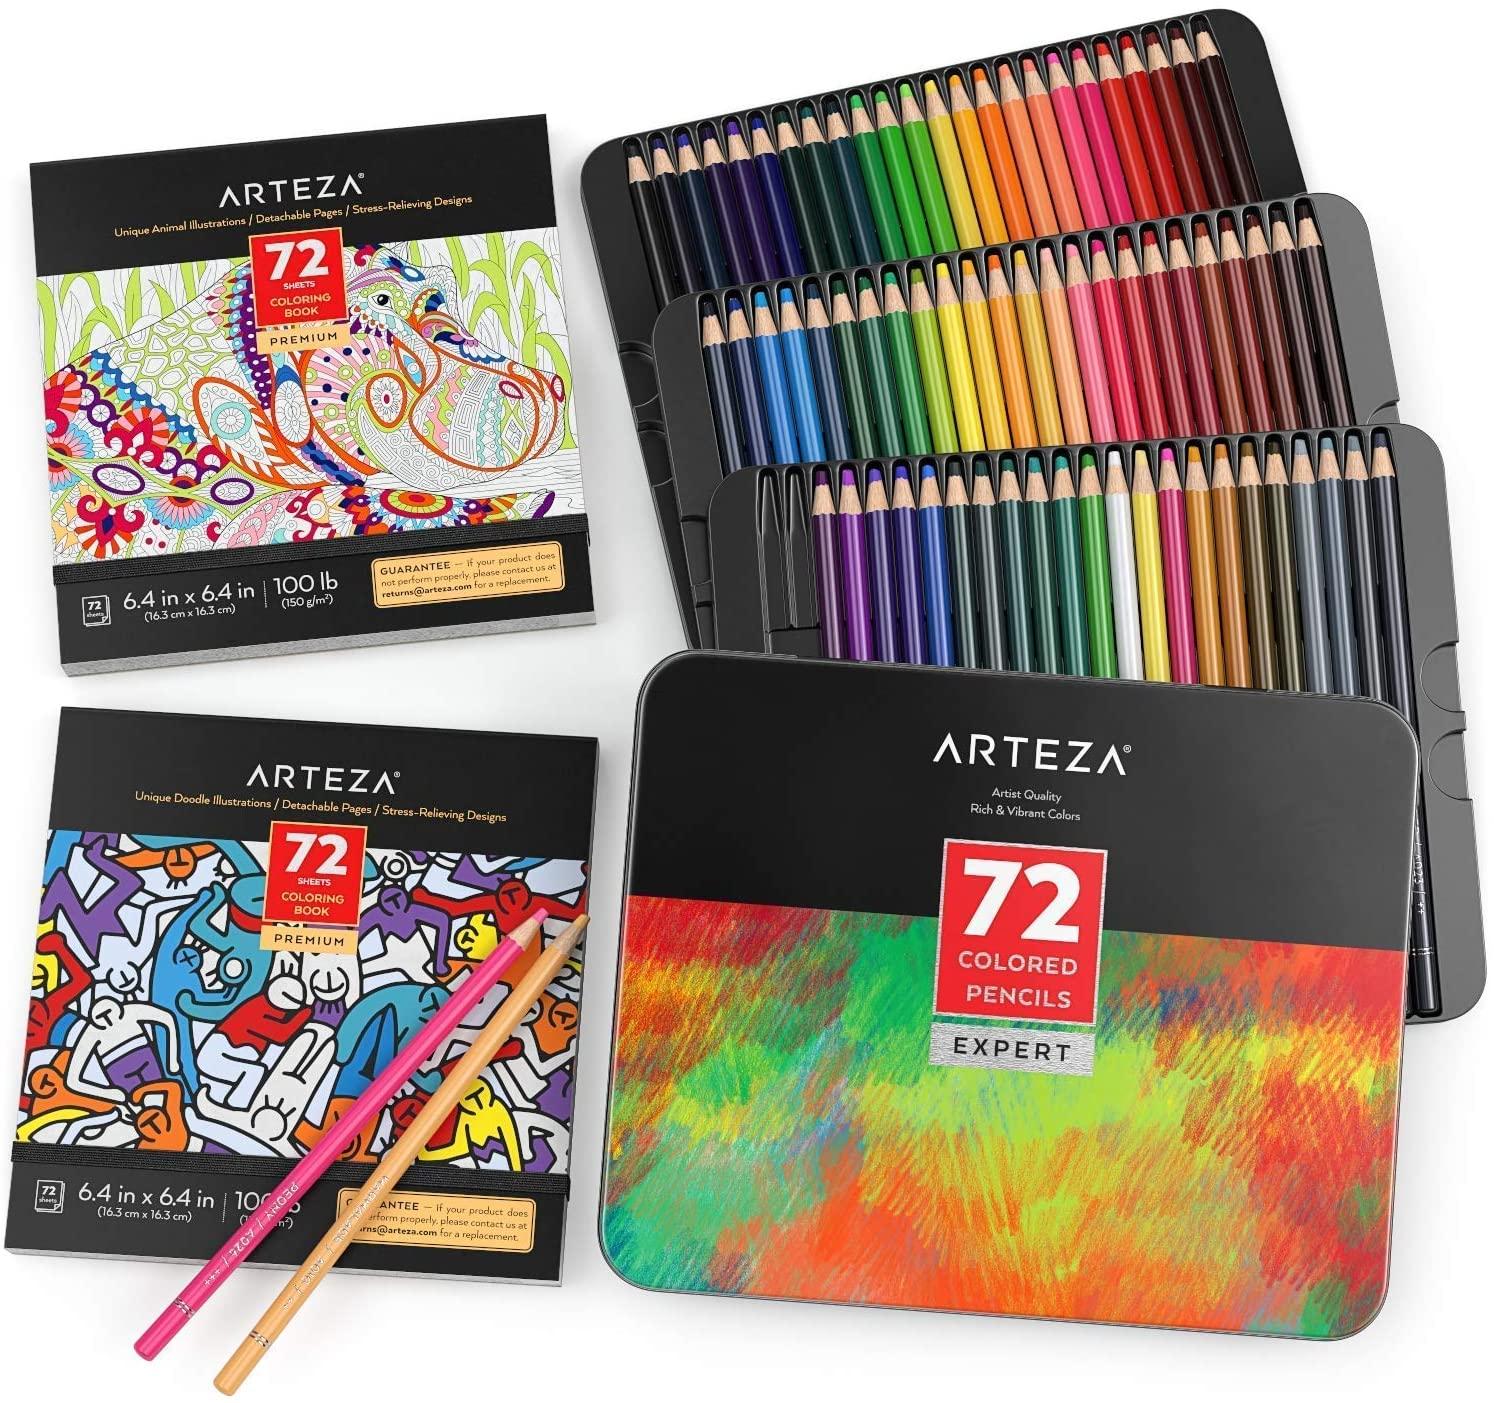 Arteza Coloring Pencils and Book Bundle